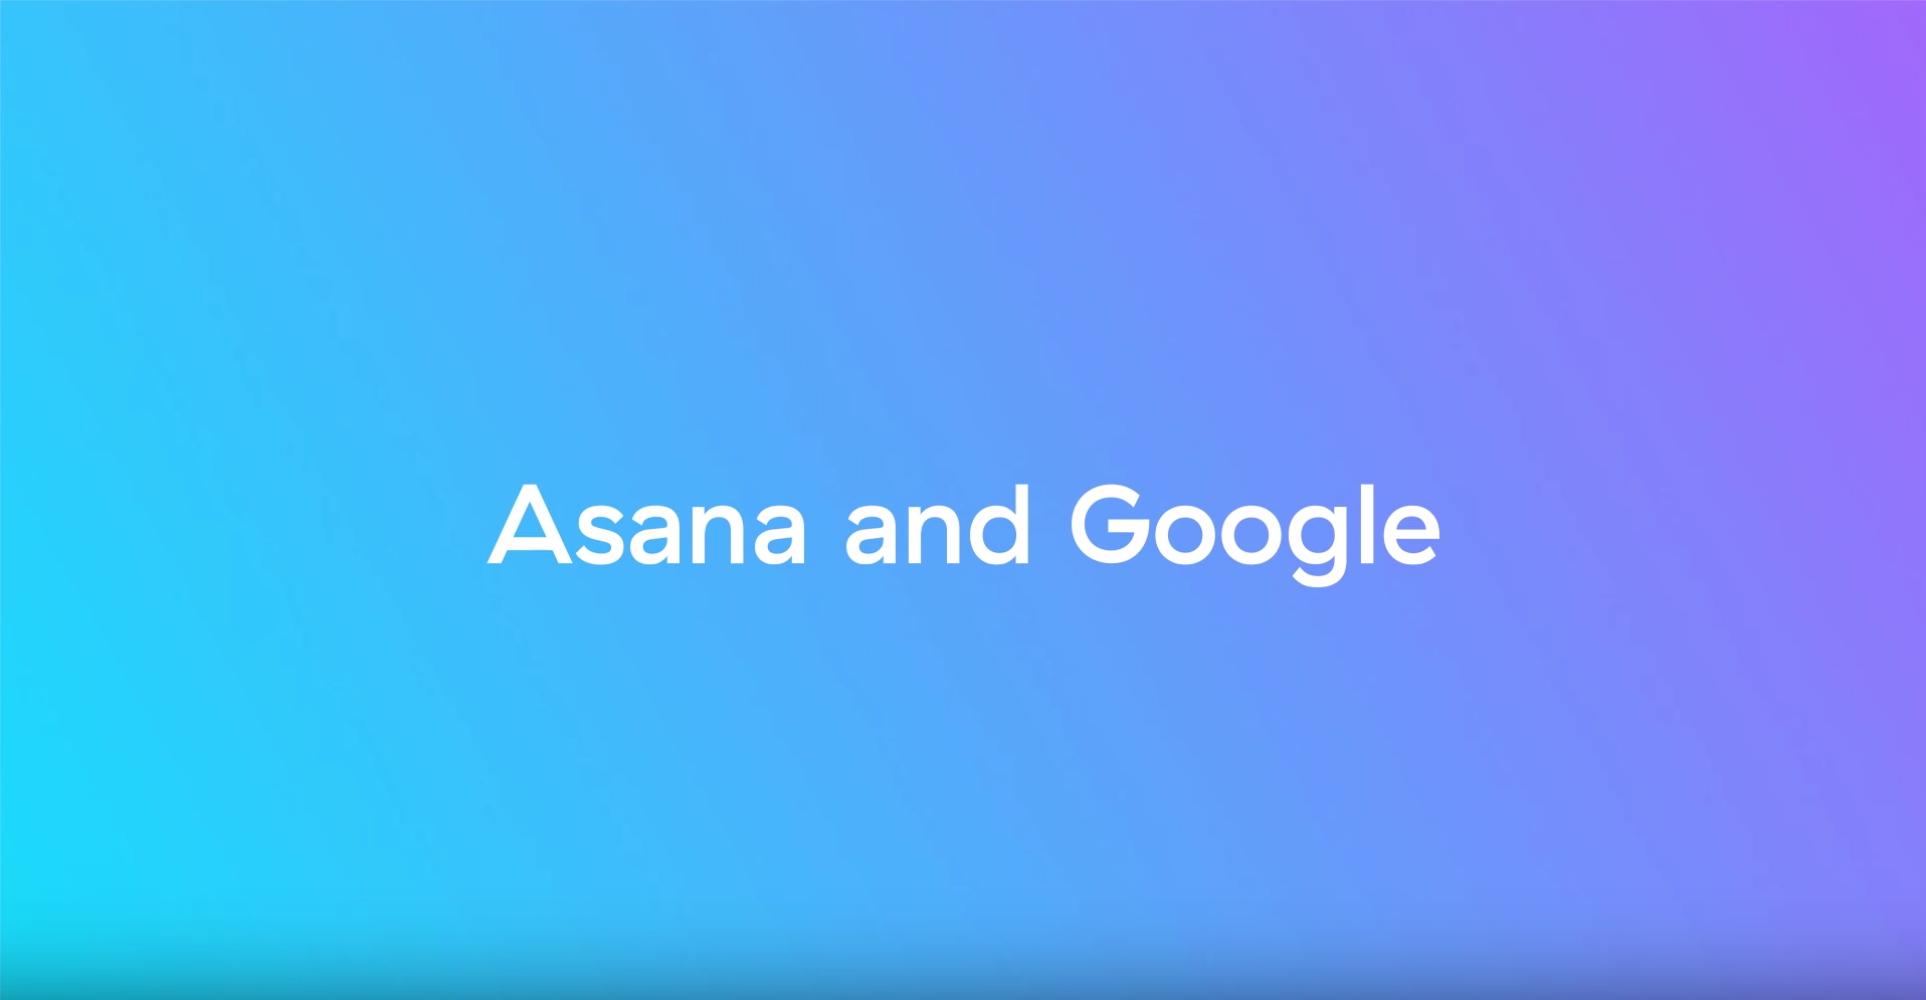 Asana and Google